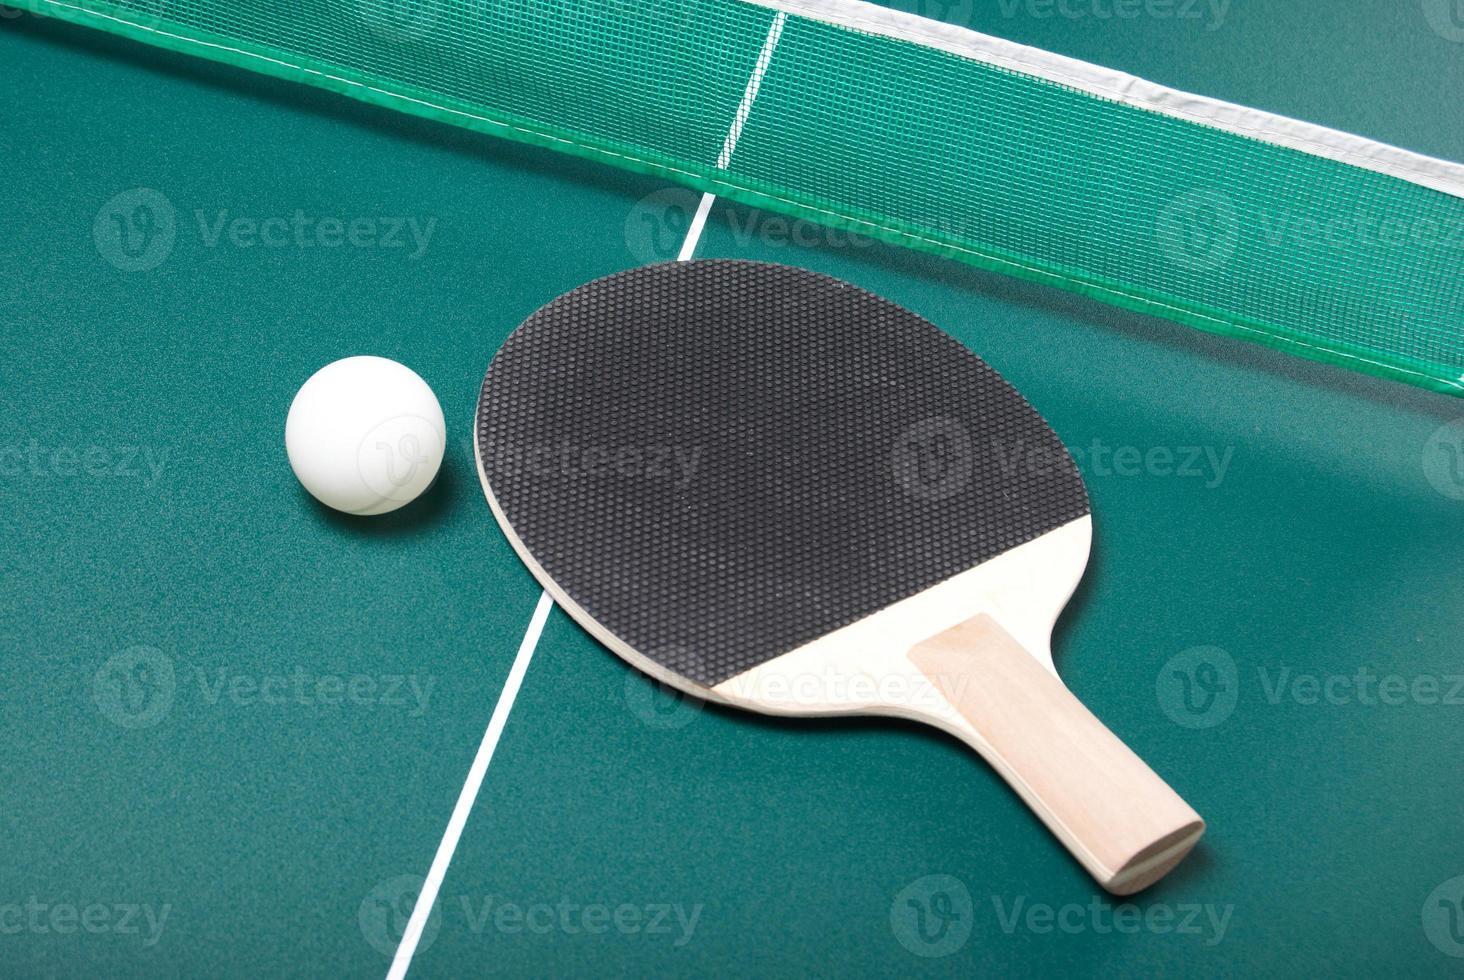 raquete e bola foto